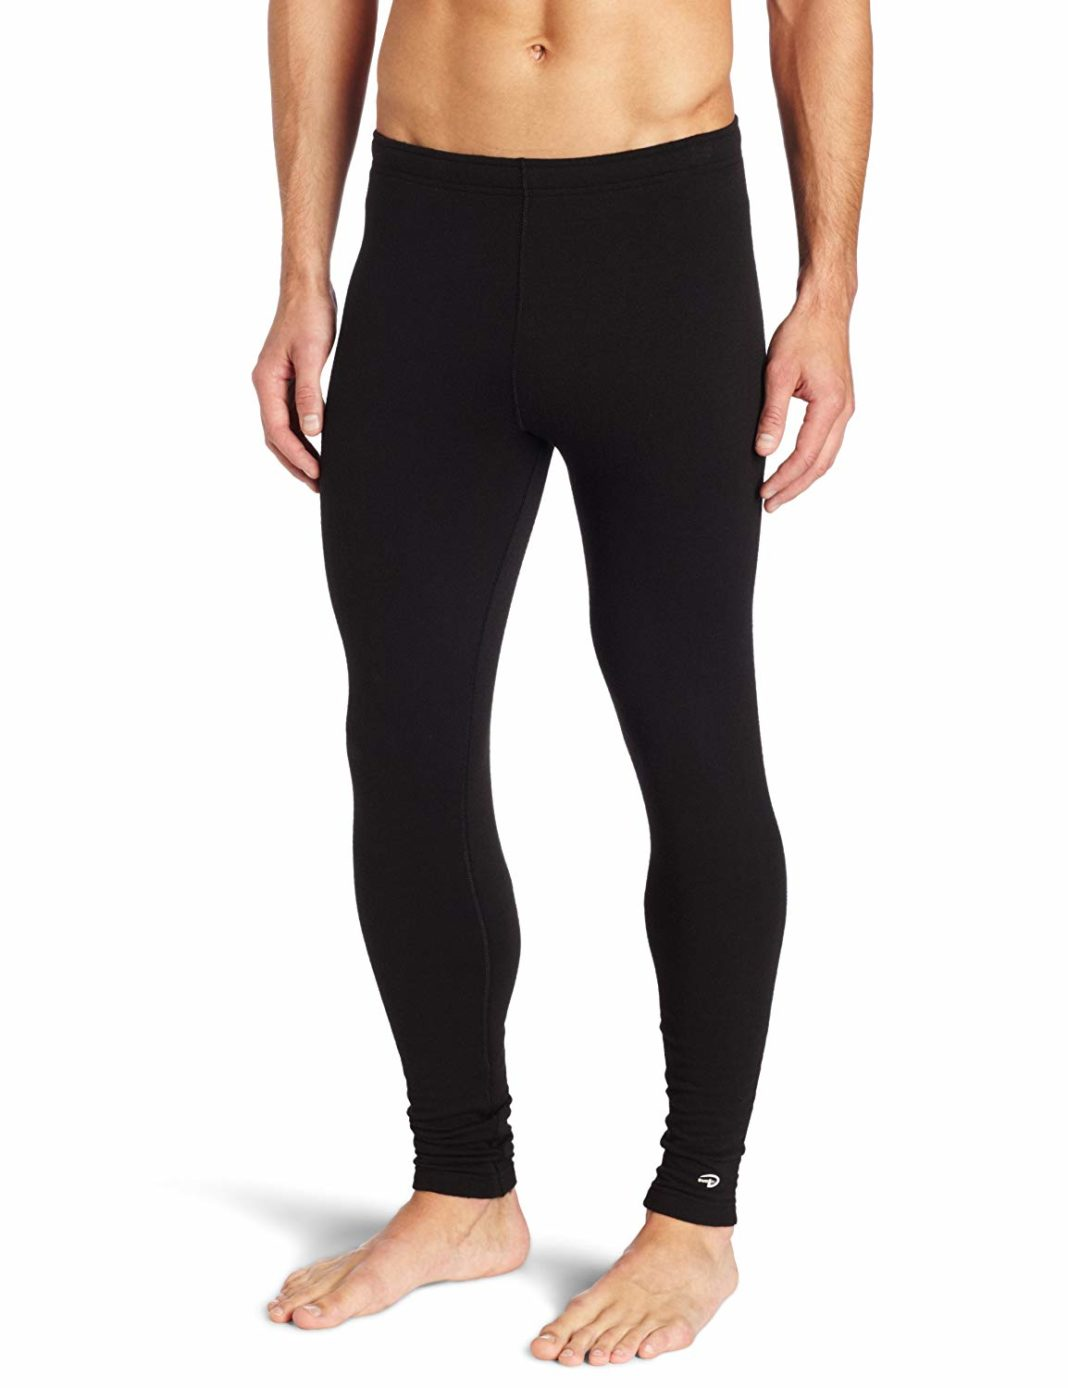 Duofold Originals Men's Thermal Pants